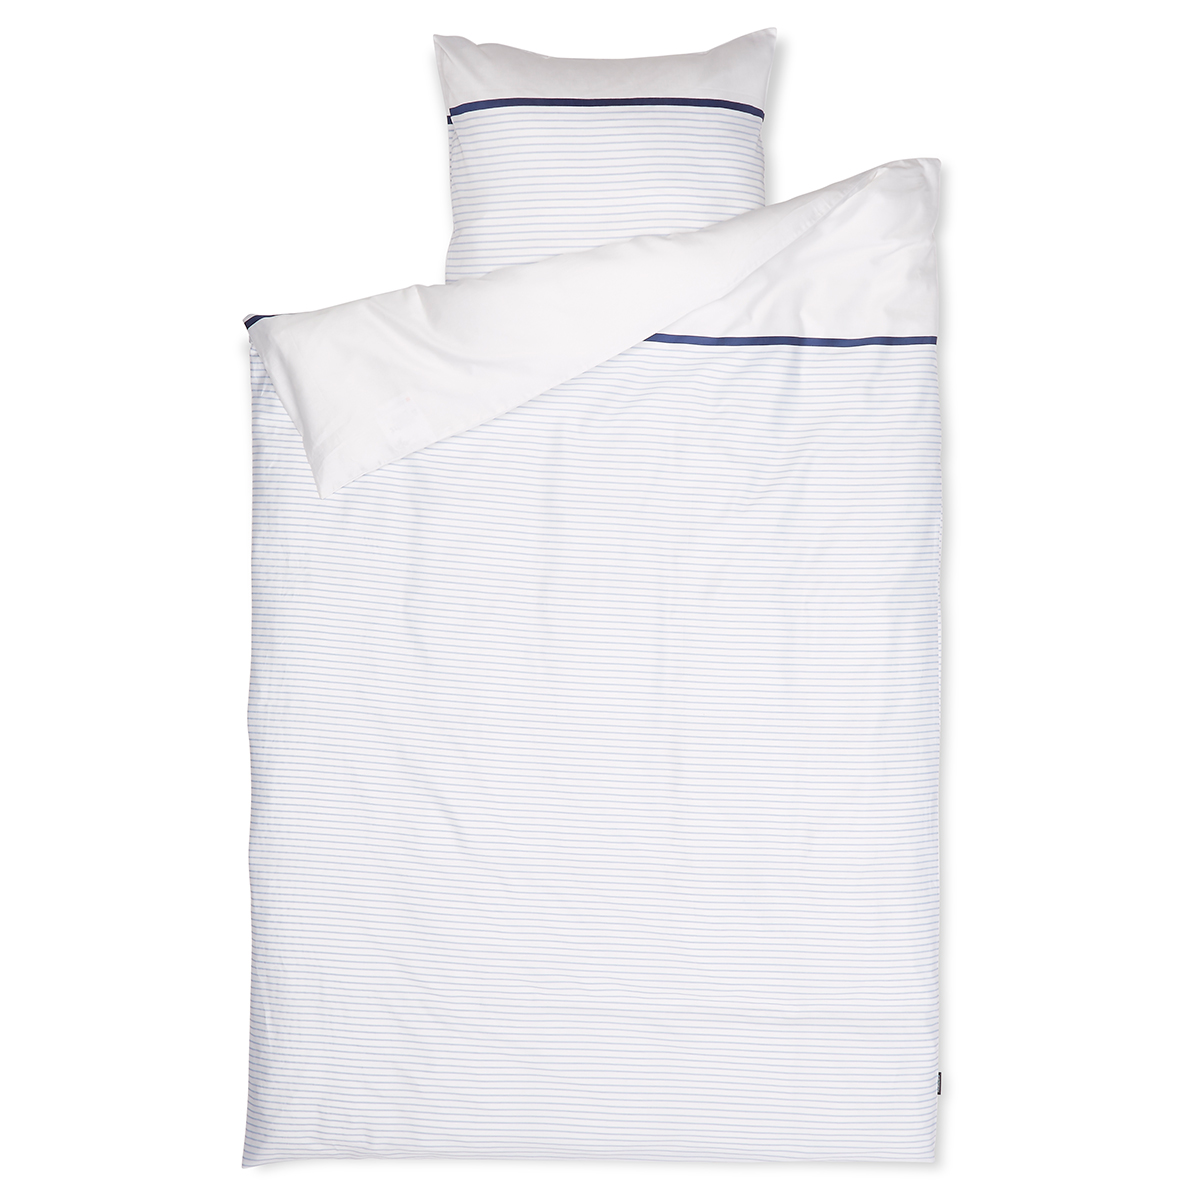 Billede af Redgreen sengetøj - Hvid og blå